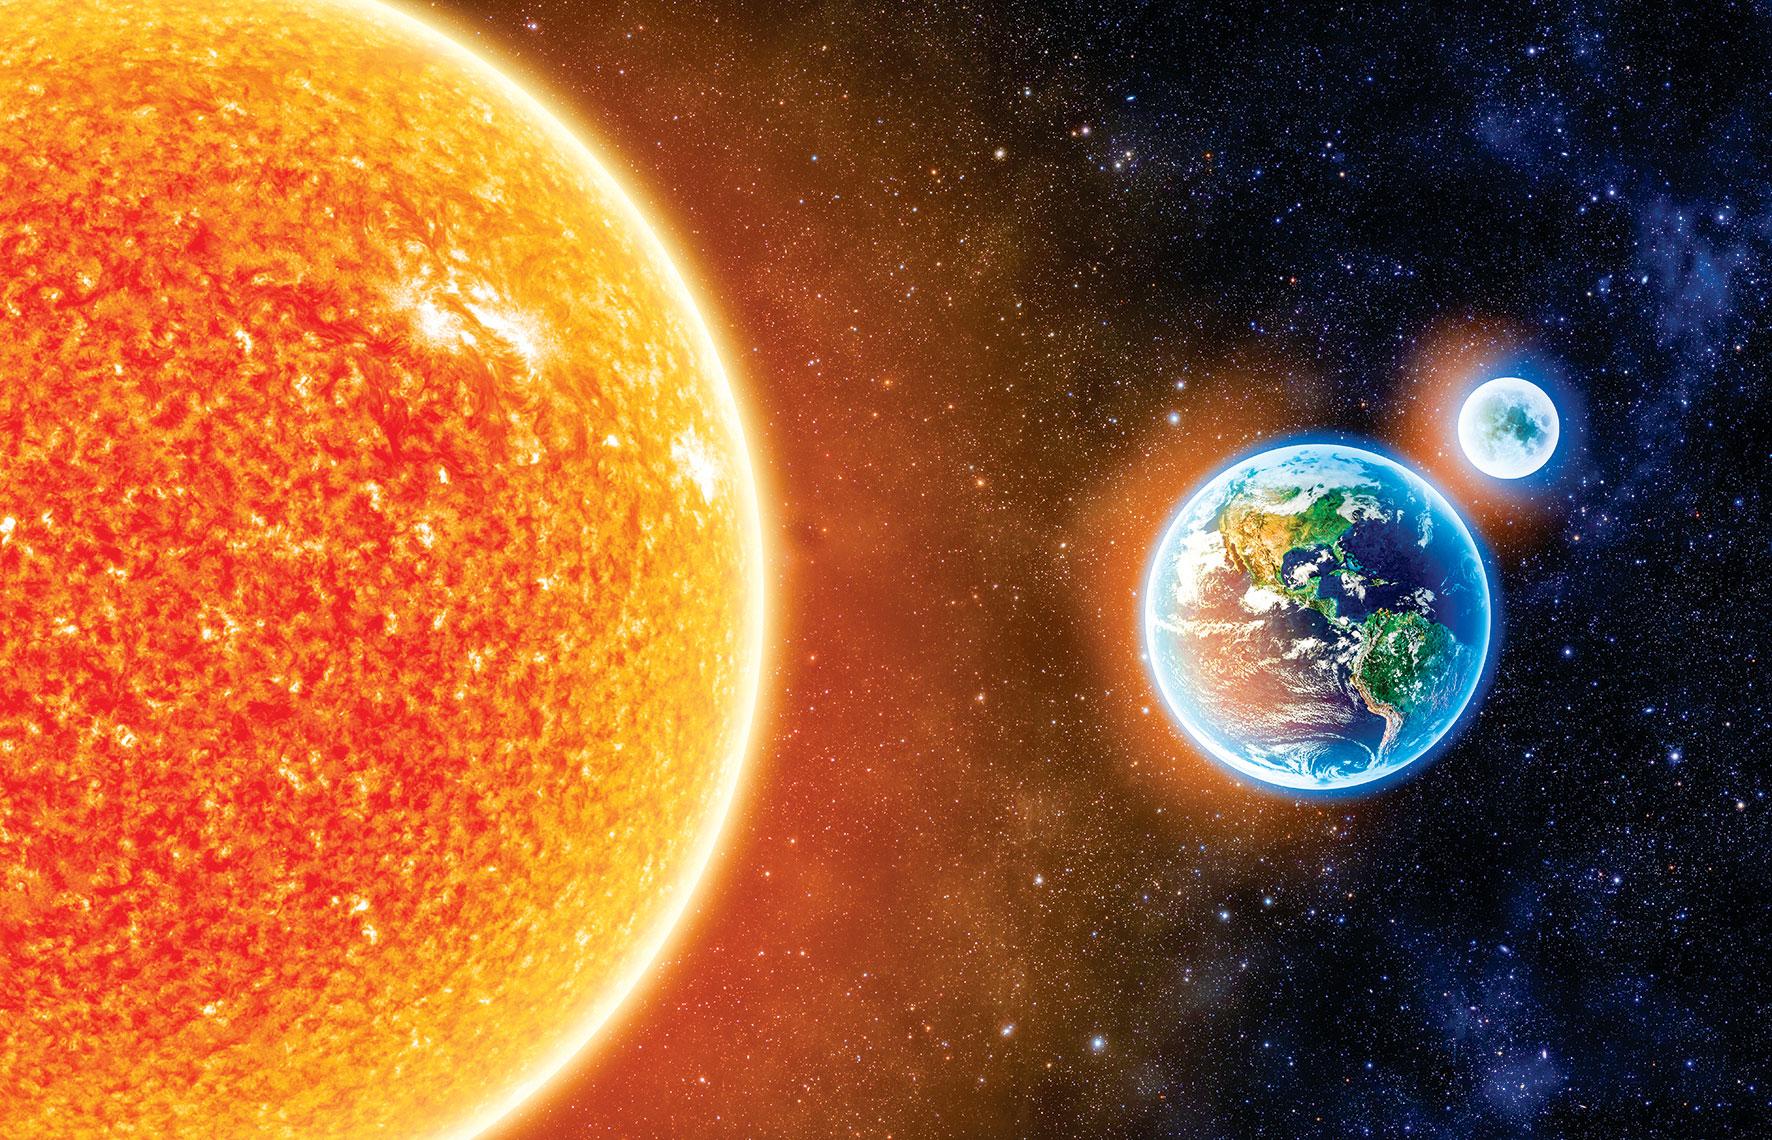 張衡《靈憲》:「日月運行,歷示吉凶,五緯(五星)經次,用告禍福,則天心於是見矣。」(Shutterstock)